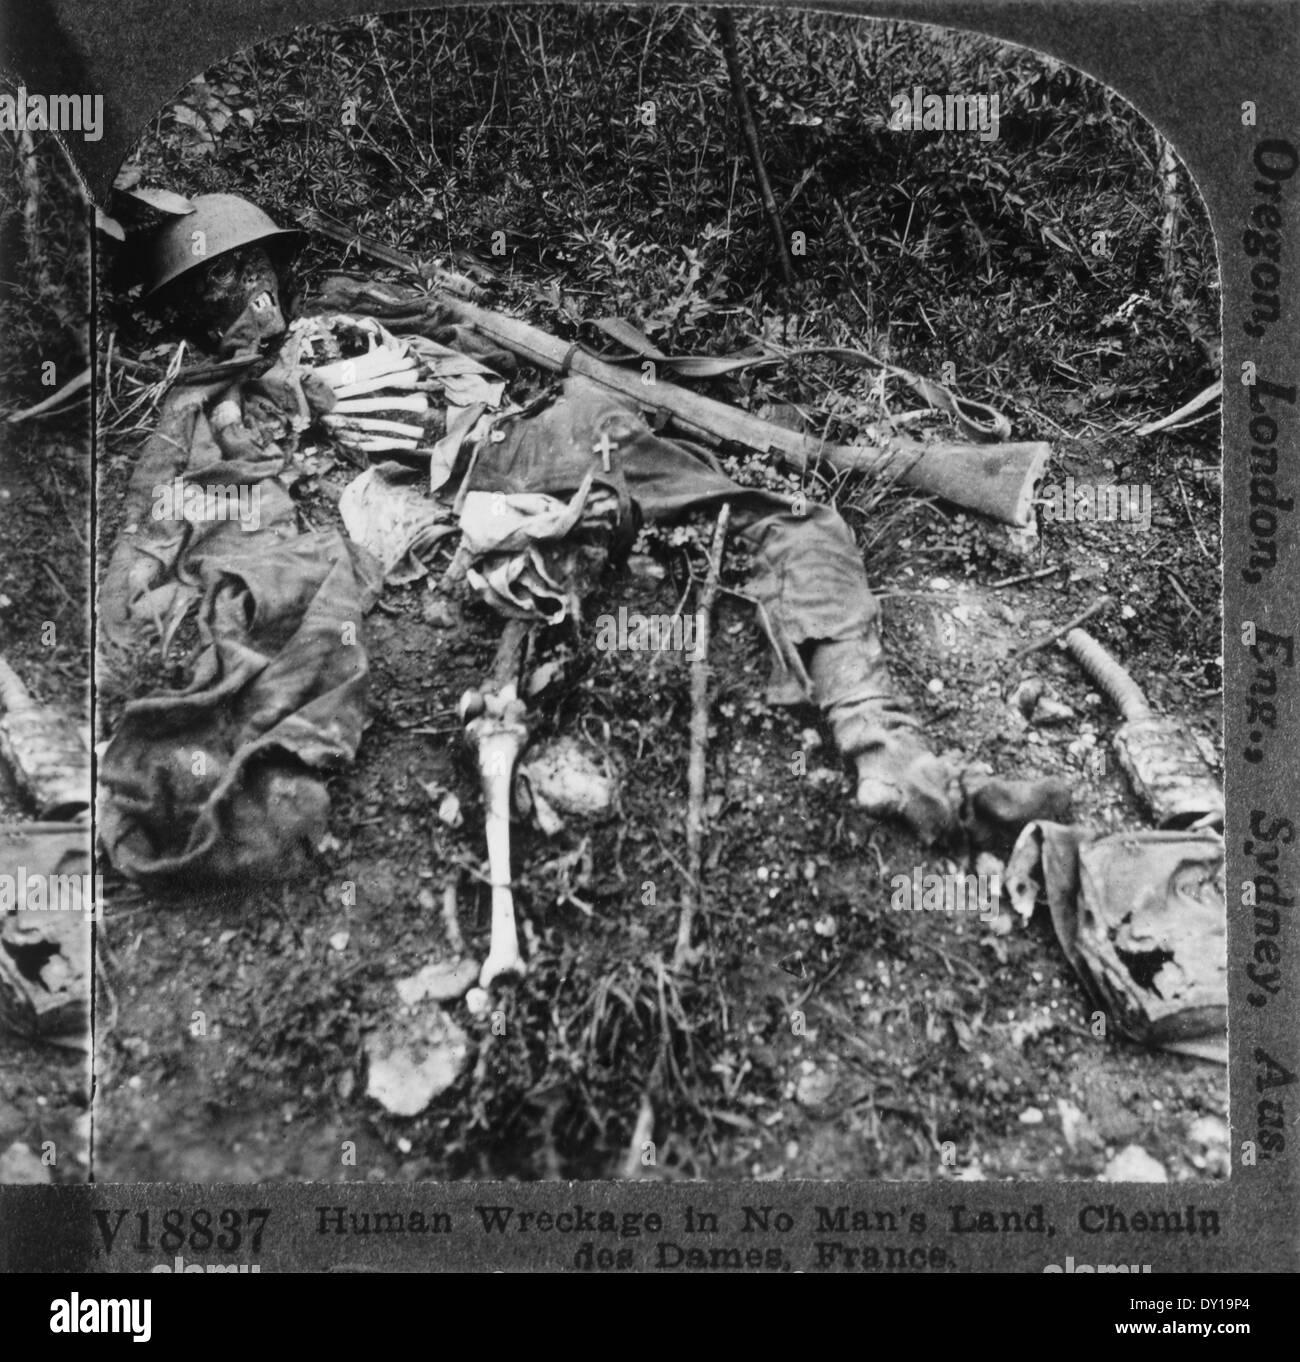 Human Skeleton Remains of Soldier, World War I, Chenin des Dames, France - Stock Image